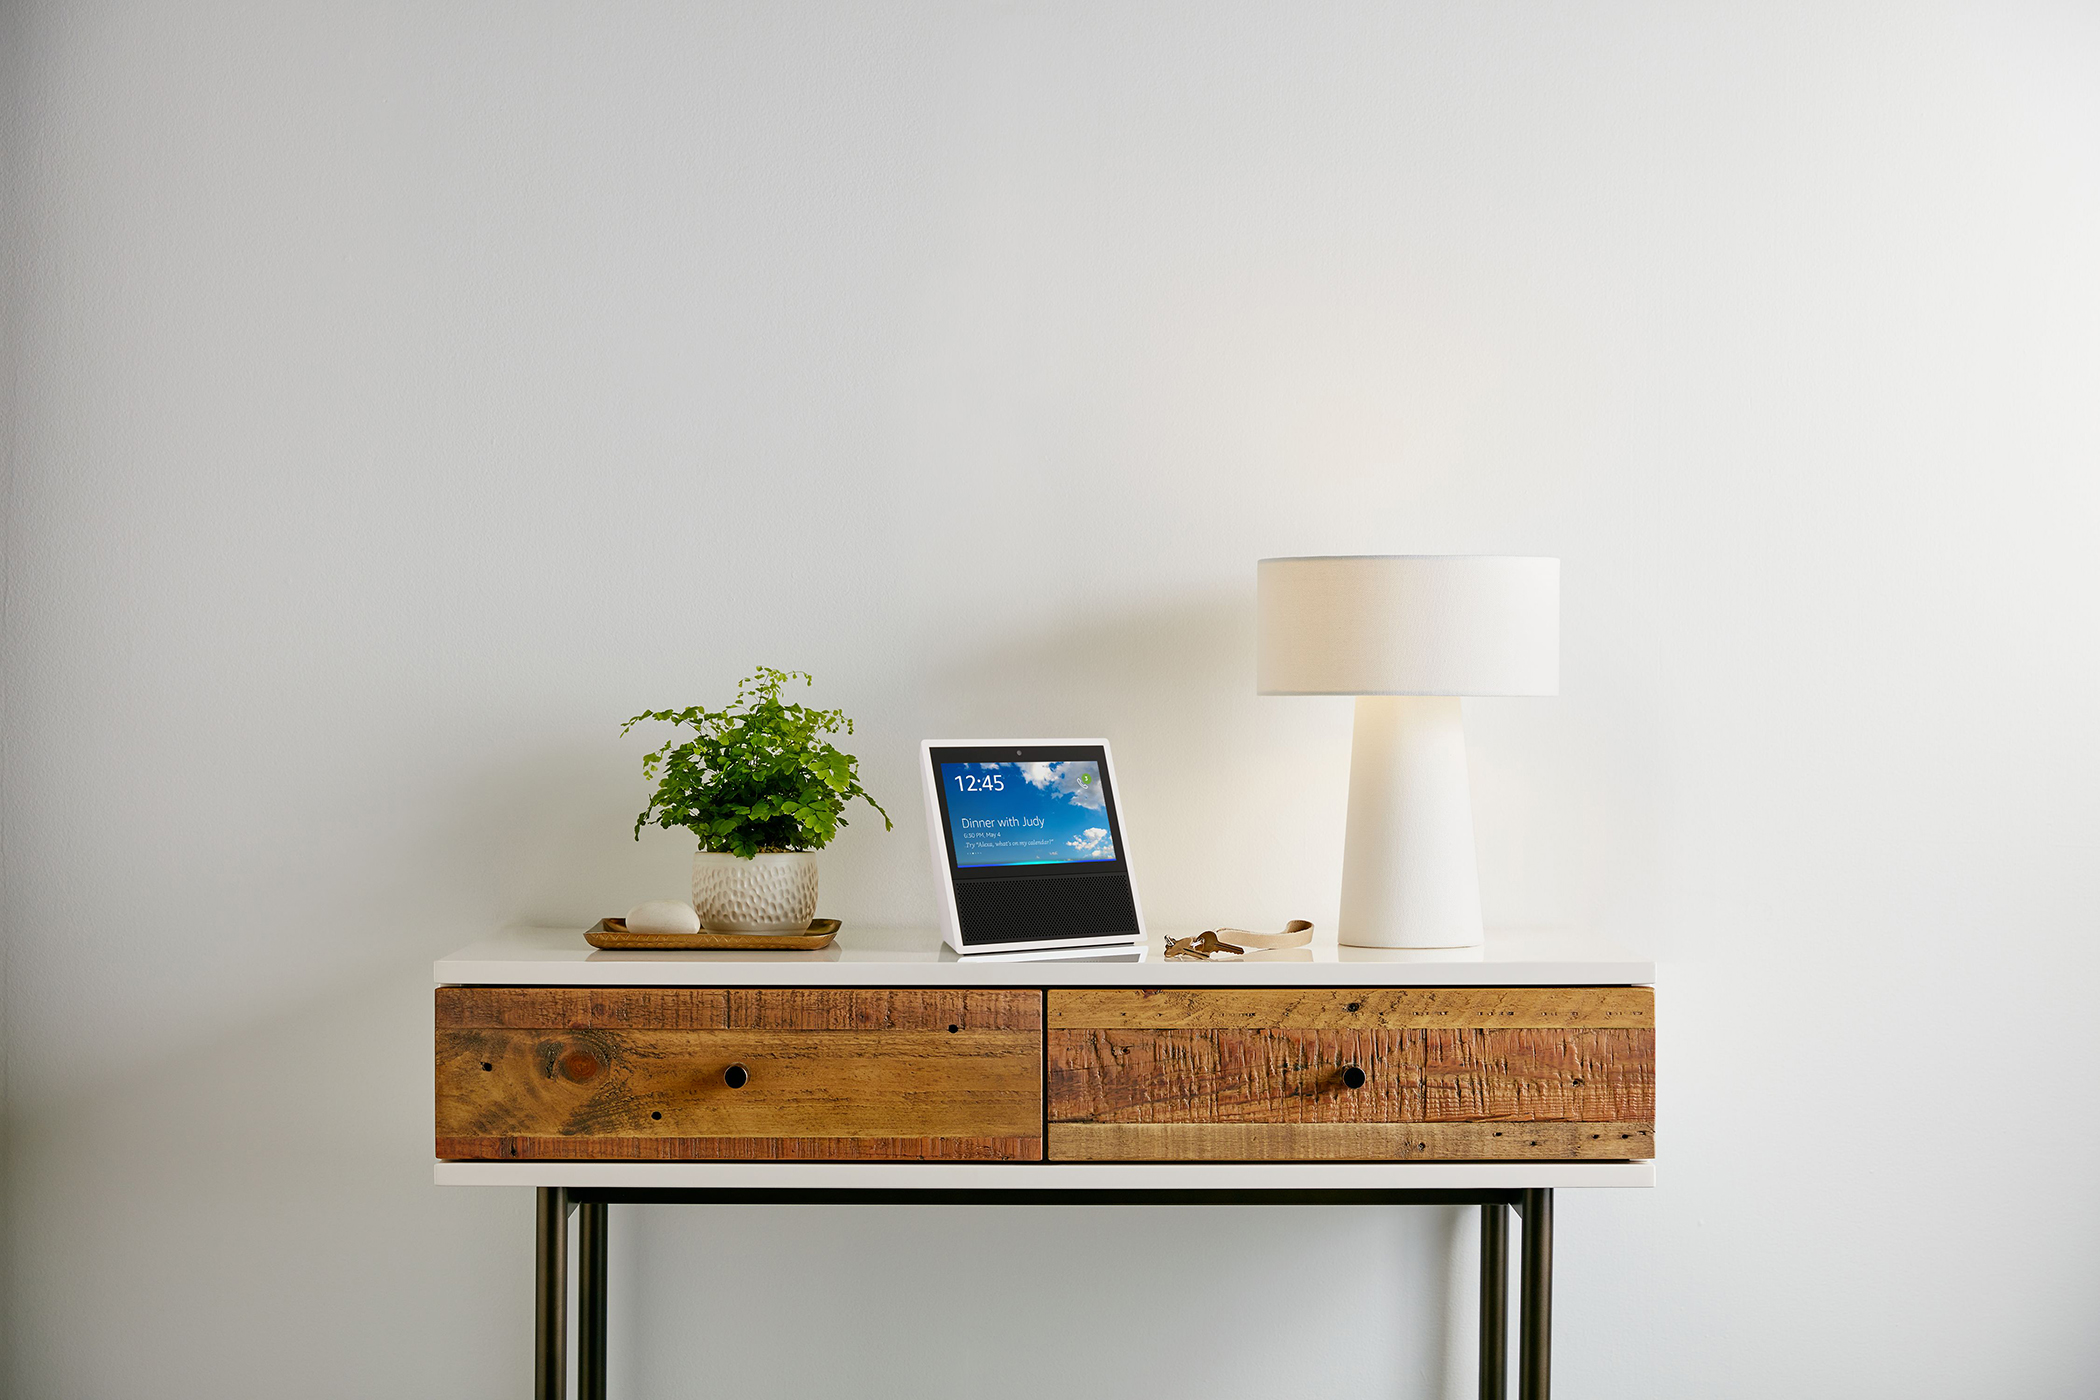 Amazon Echo Show, White, Living Room